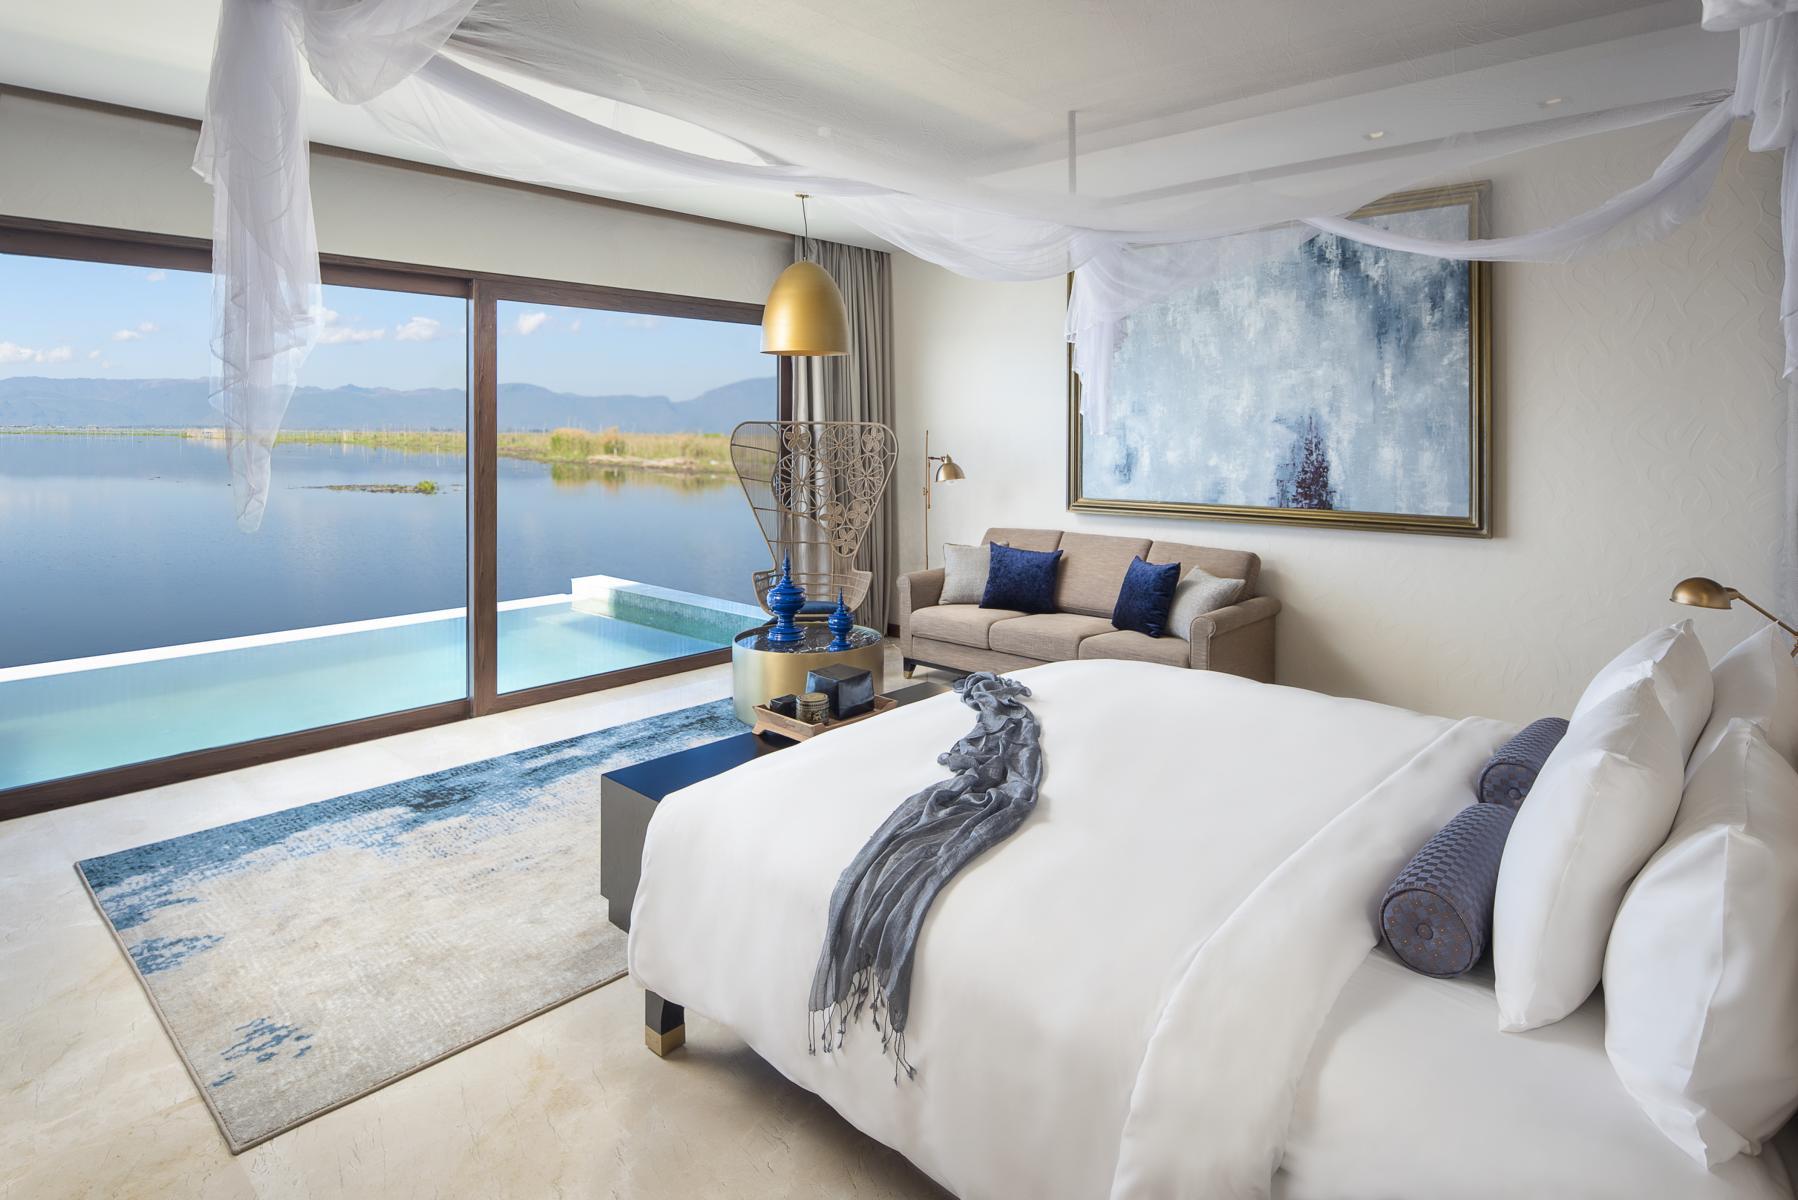 Schlafzimmer mit privatem Pool und Blick auf den See im Sofitel Inle am Inle See in Myanmar